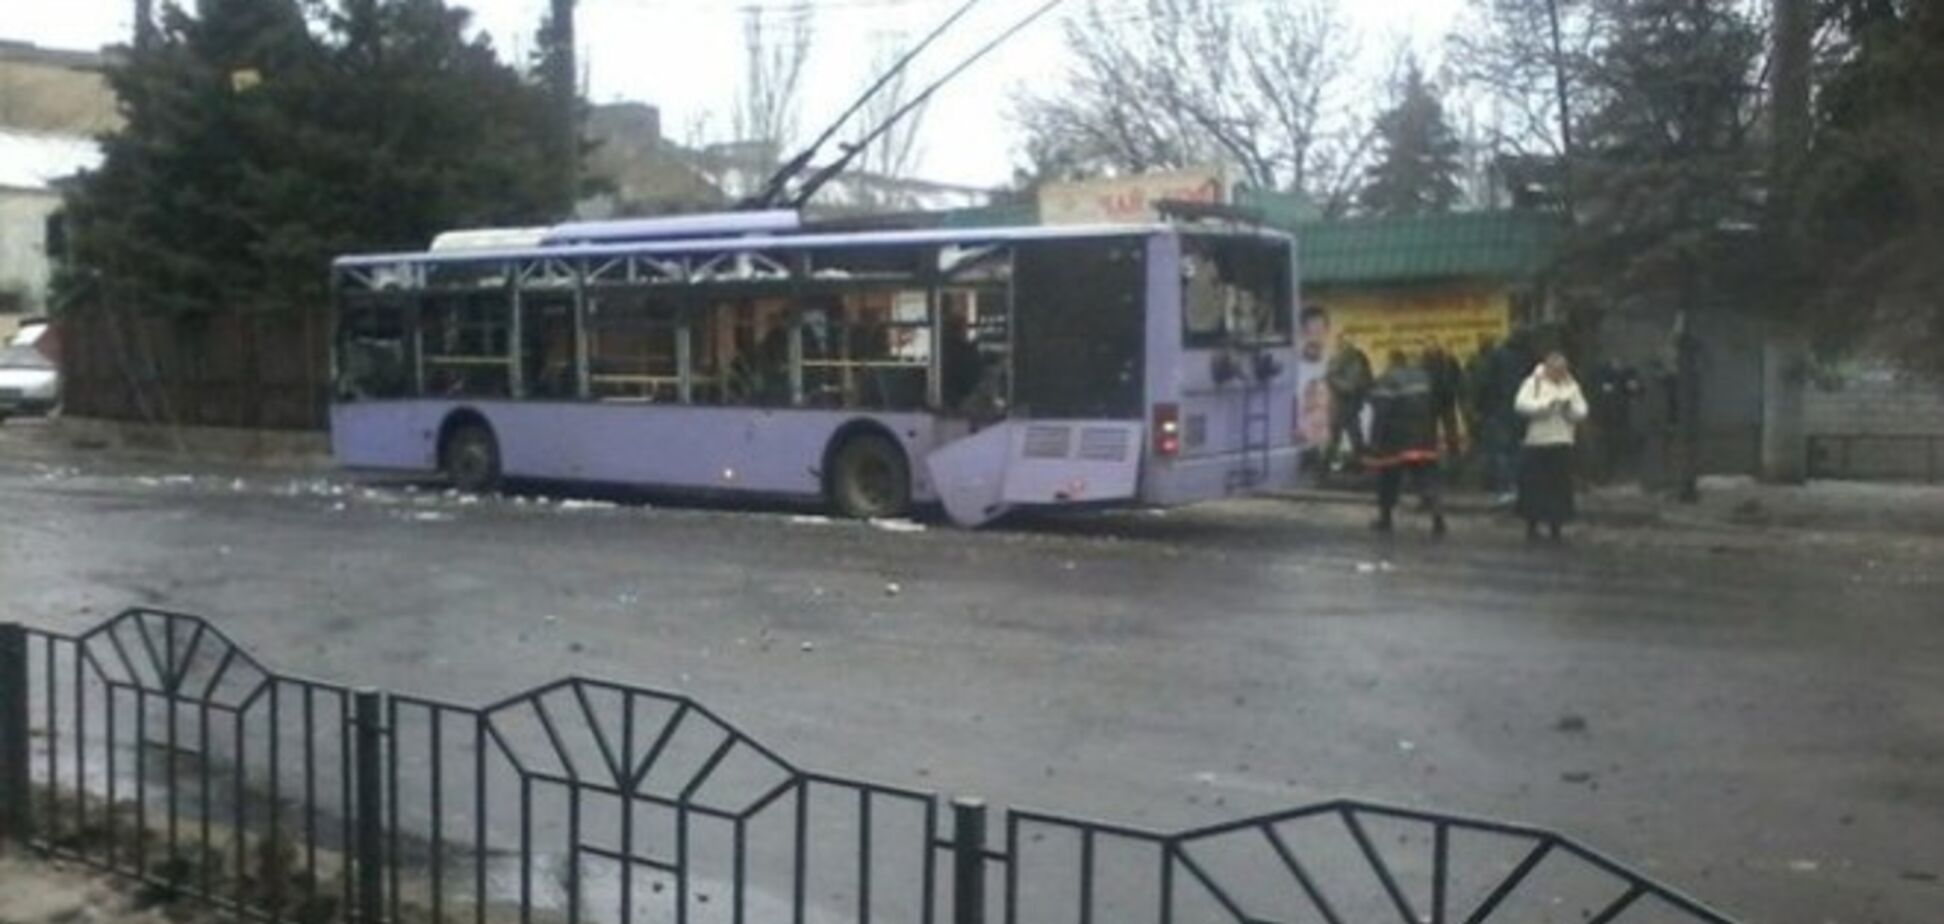 Жители Донецка рассказали, кто расстрелял троллейбус с людьми